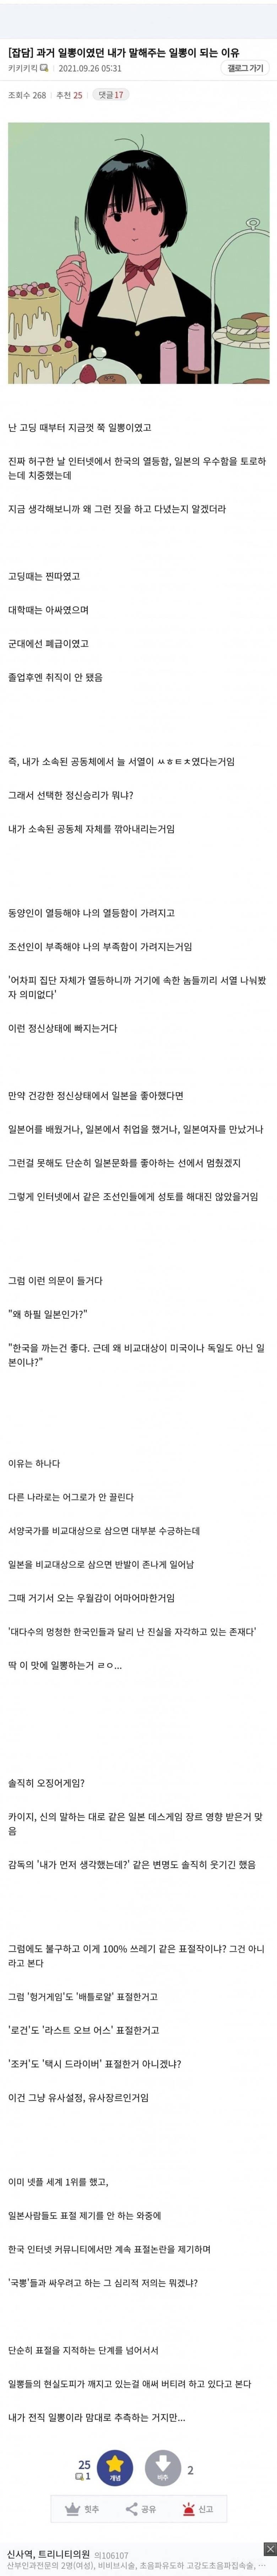 전직 일뽕이 밝히는 일뽕하는 이유.jpg (feat. 오징어게임) | 인스티즈